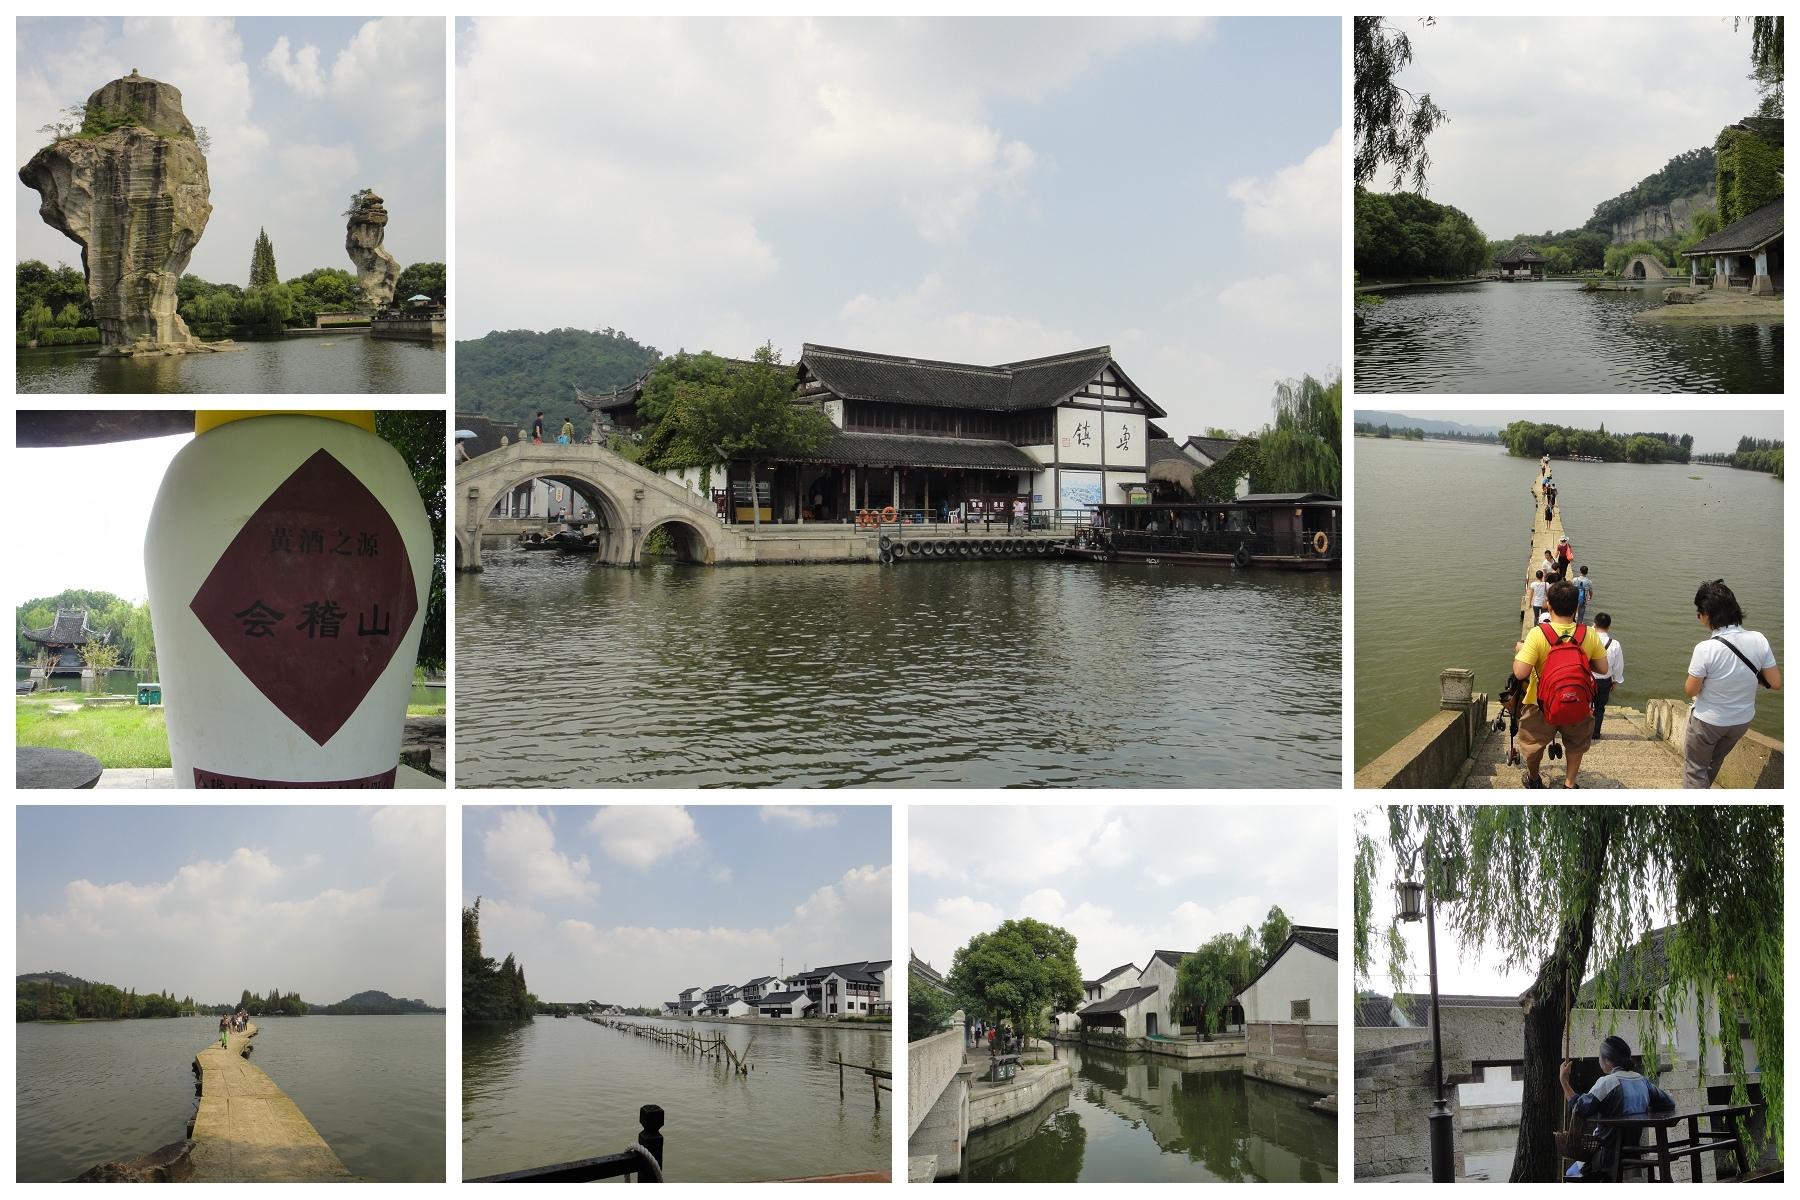 绍兴柯桥-柯岩风景区照片分享